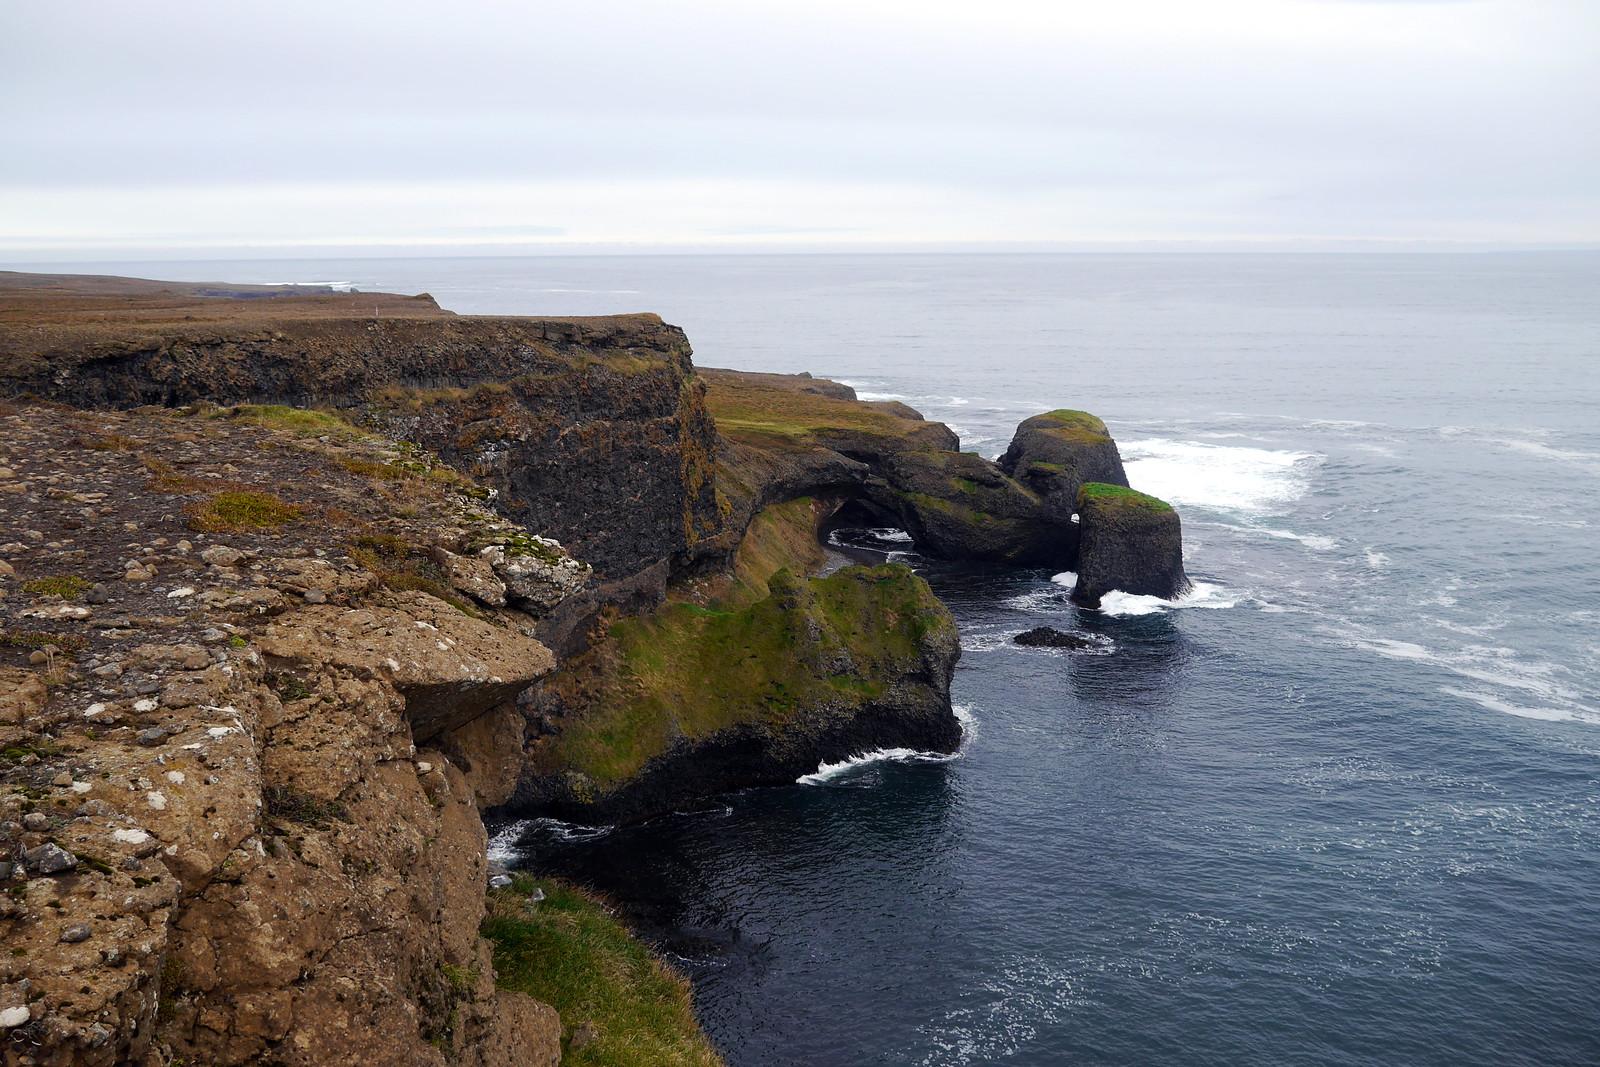 Rocks at Rauðanes Point